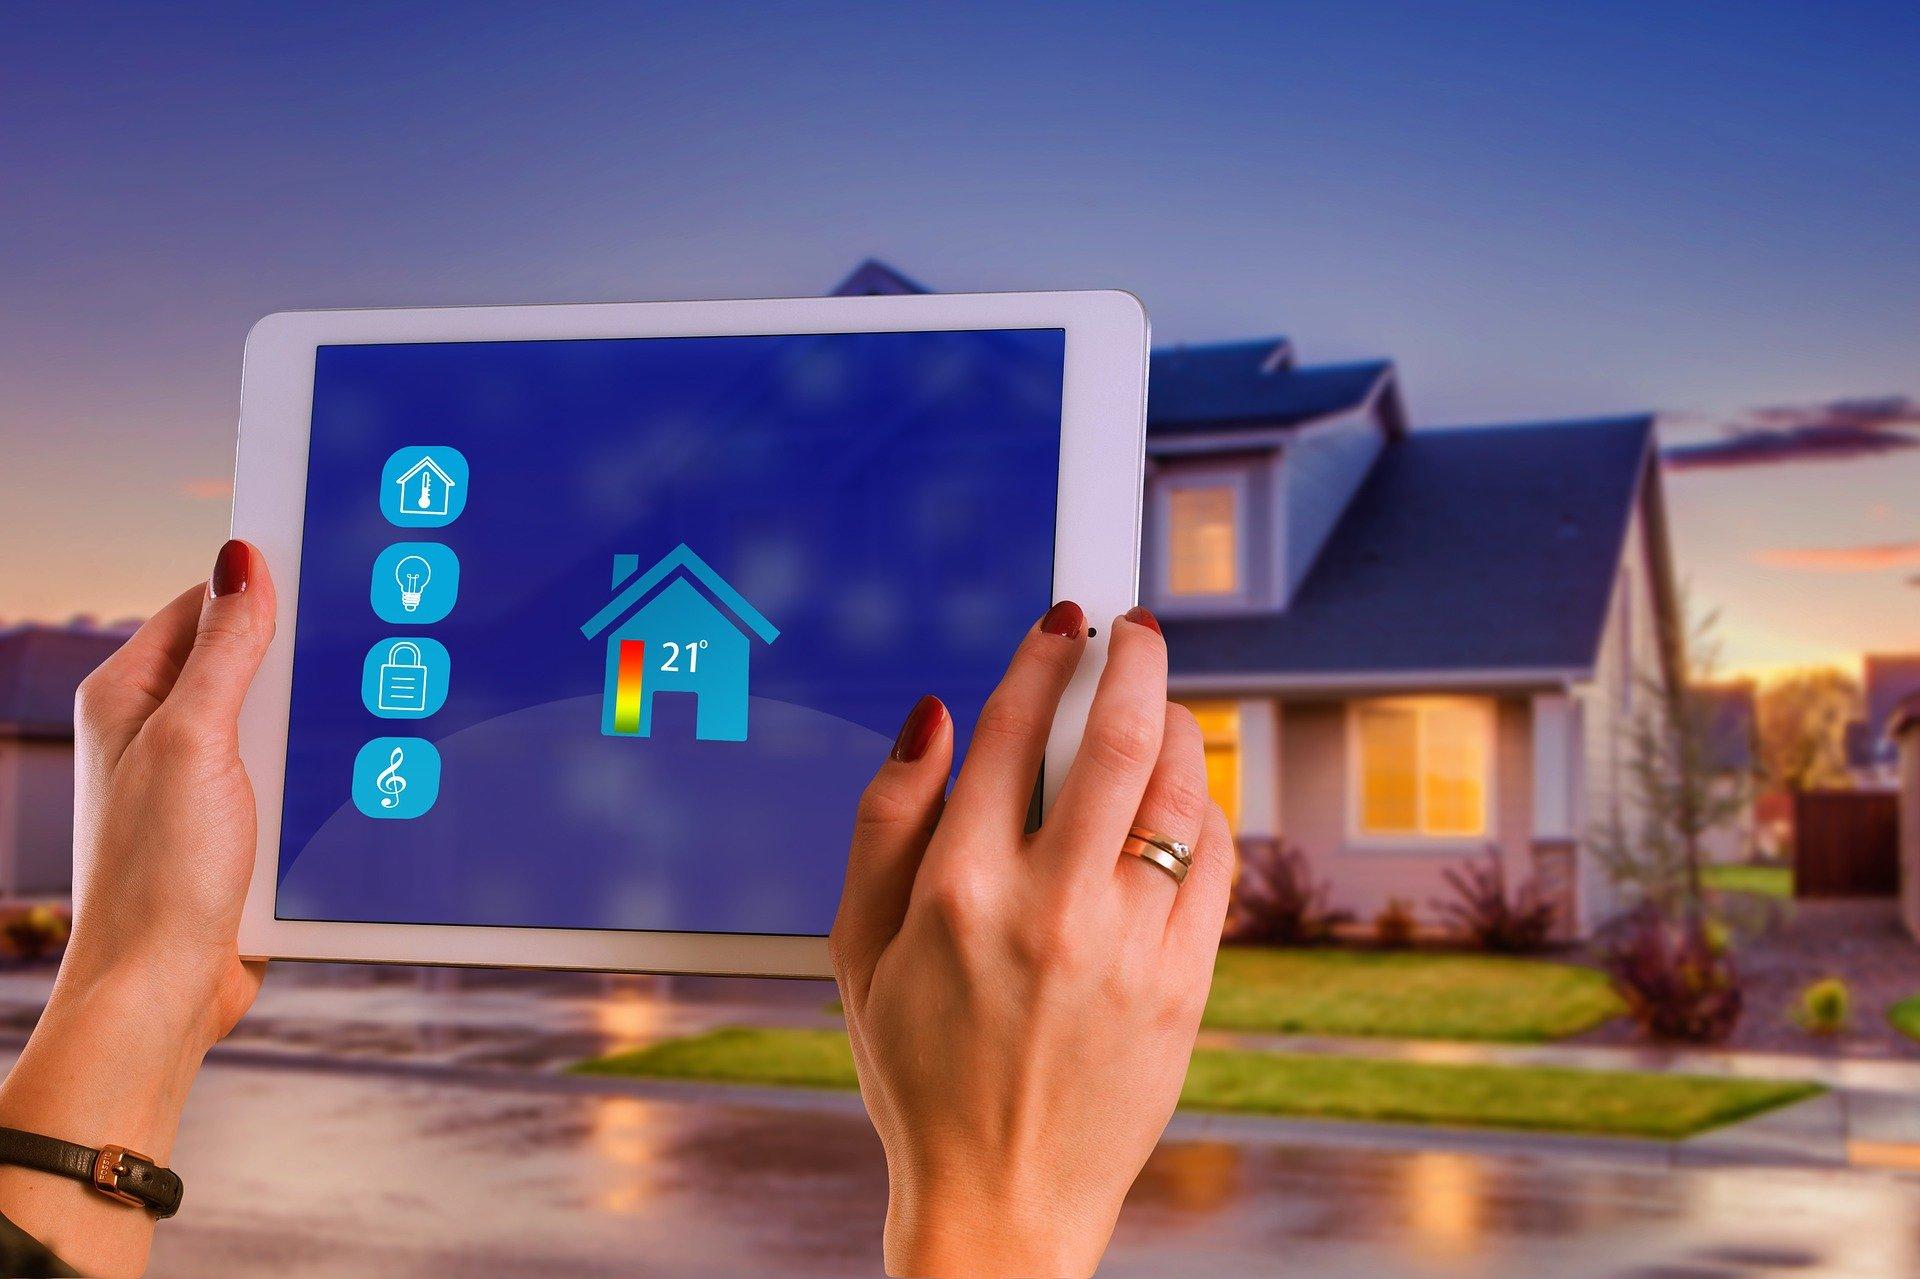 Toplotne črpalke za ogrevanje doma delujejo po različnih principih